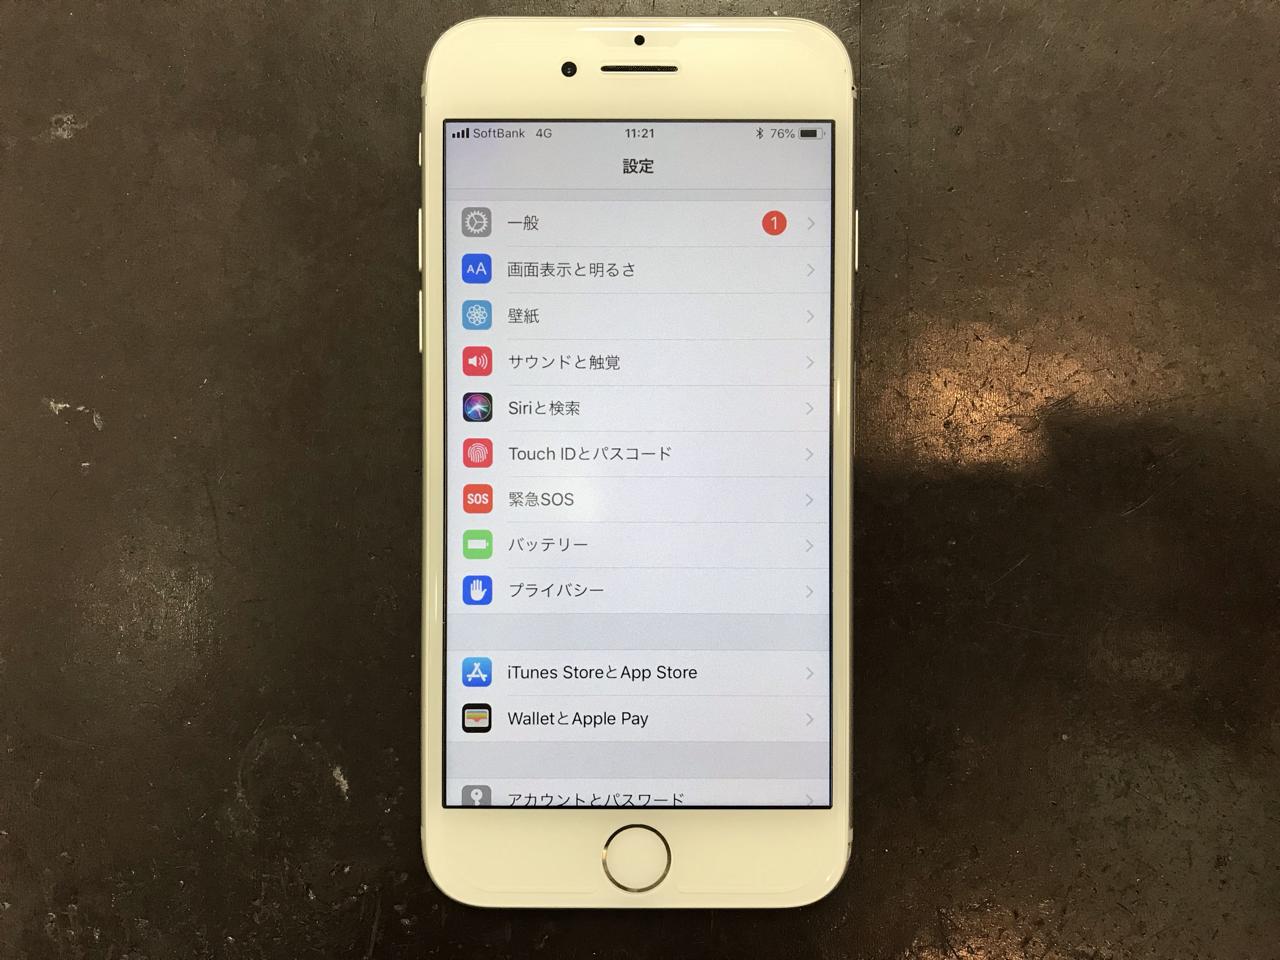 70b3c0f5-5e6e-4166-85f3-deb51068ae9d_1544151464_-1834593006 iPhone6Sの画面が割れてしまった修理をしました!